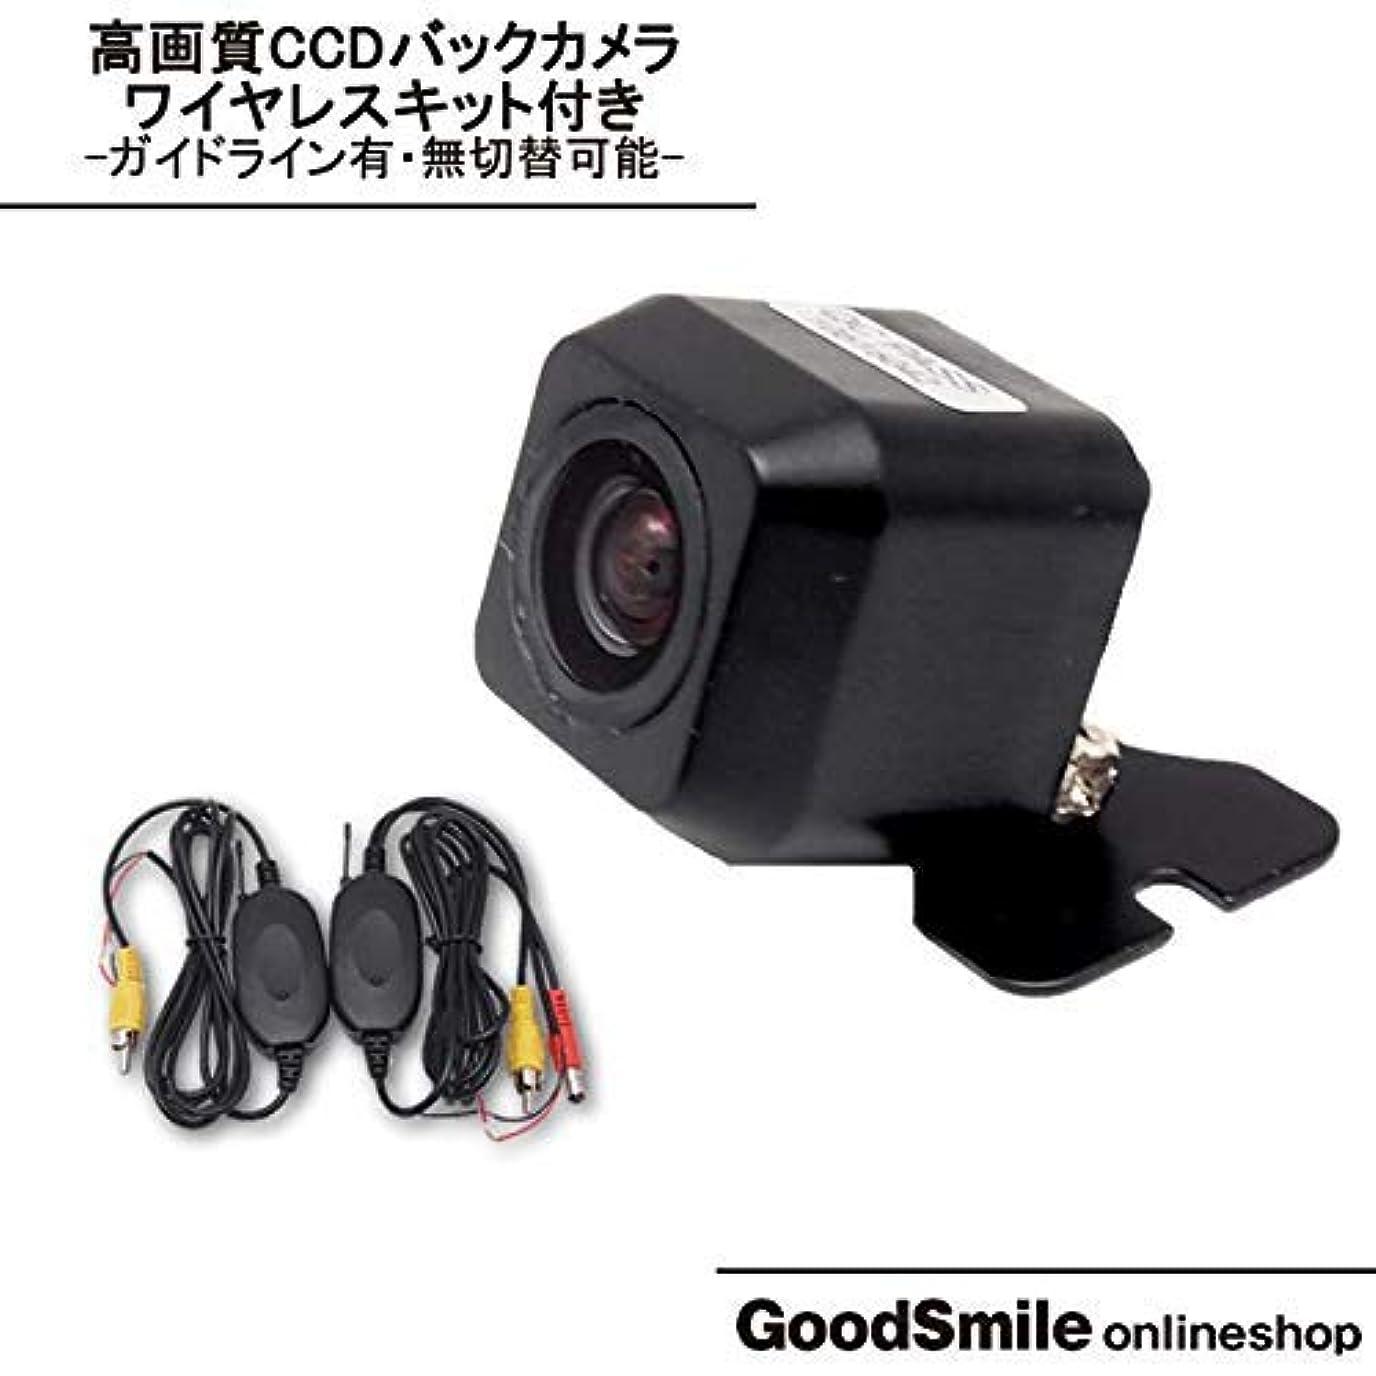 プレゼンテーション救い暴力的なMDV-535DT 対応 バックカメラ 高画質 CCD 車載用 広角170° 超高精細 CCDセンサー 【ワイヤレスキット付】